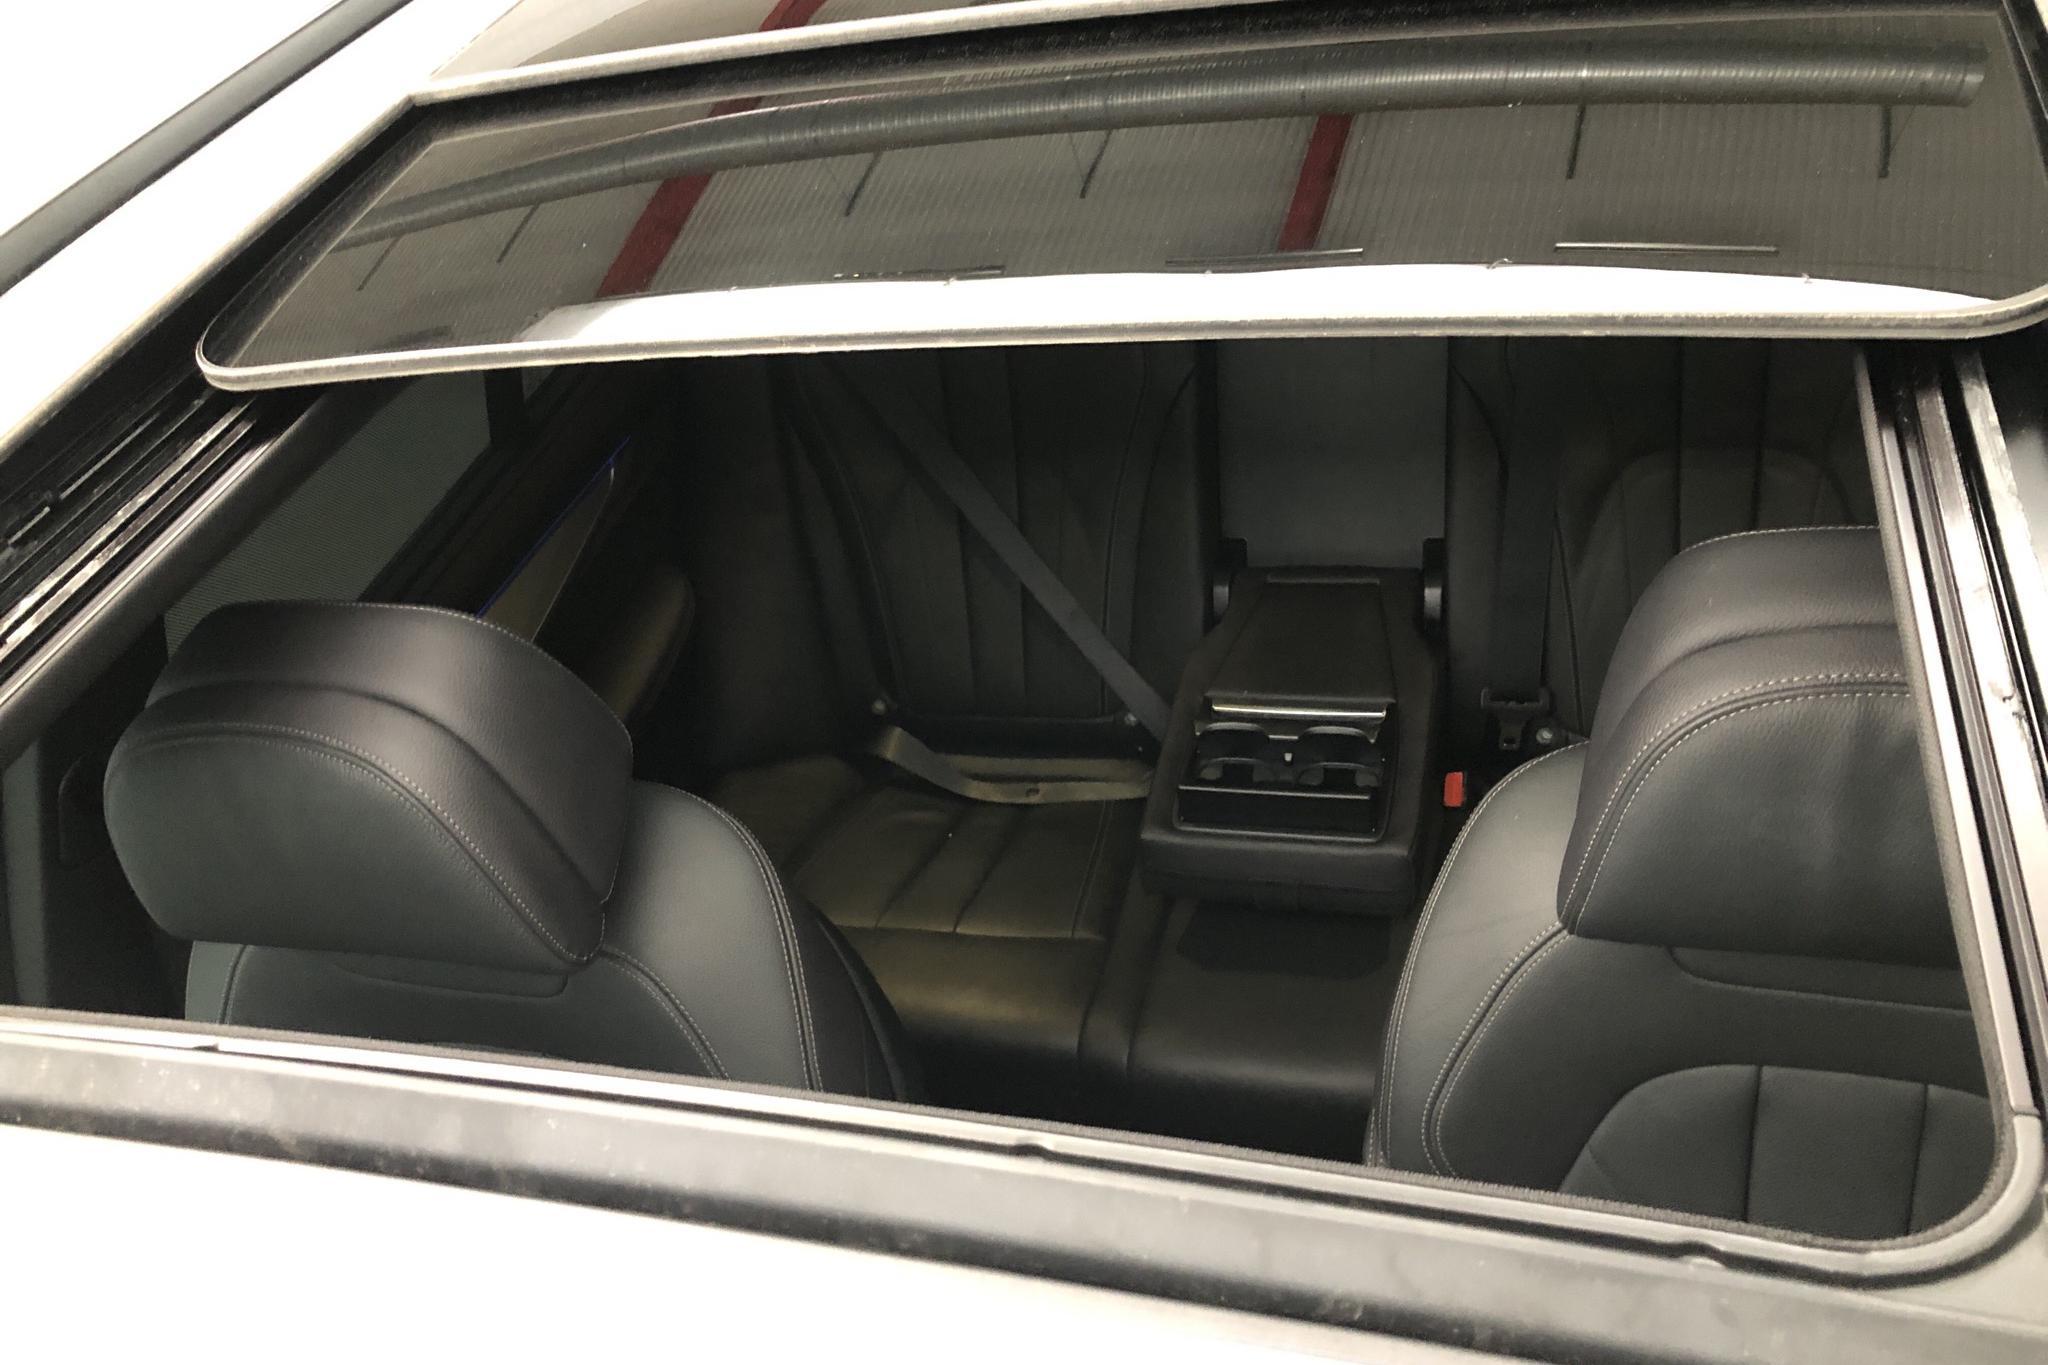 BMW X5 xDrive40e, F15 (245hk) - 31 630 km - Automatic - silver - 2018